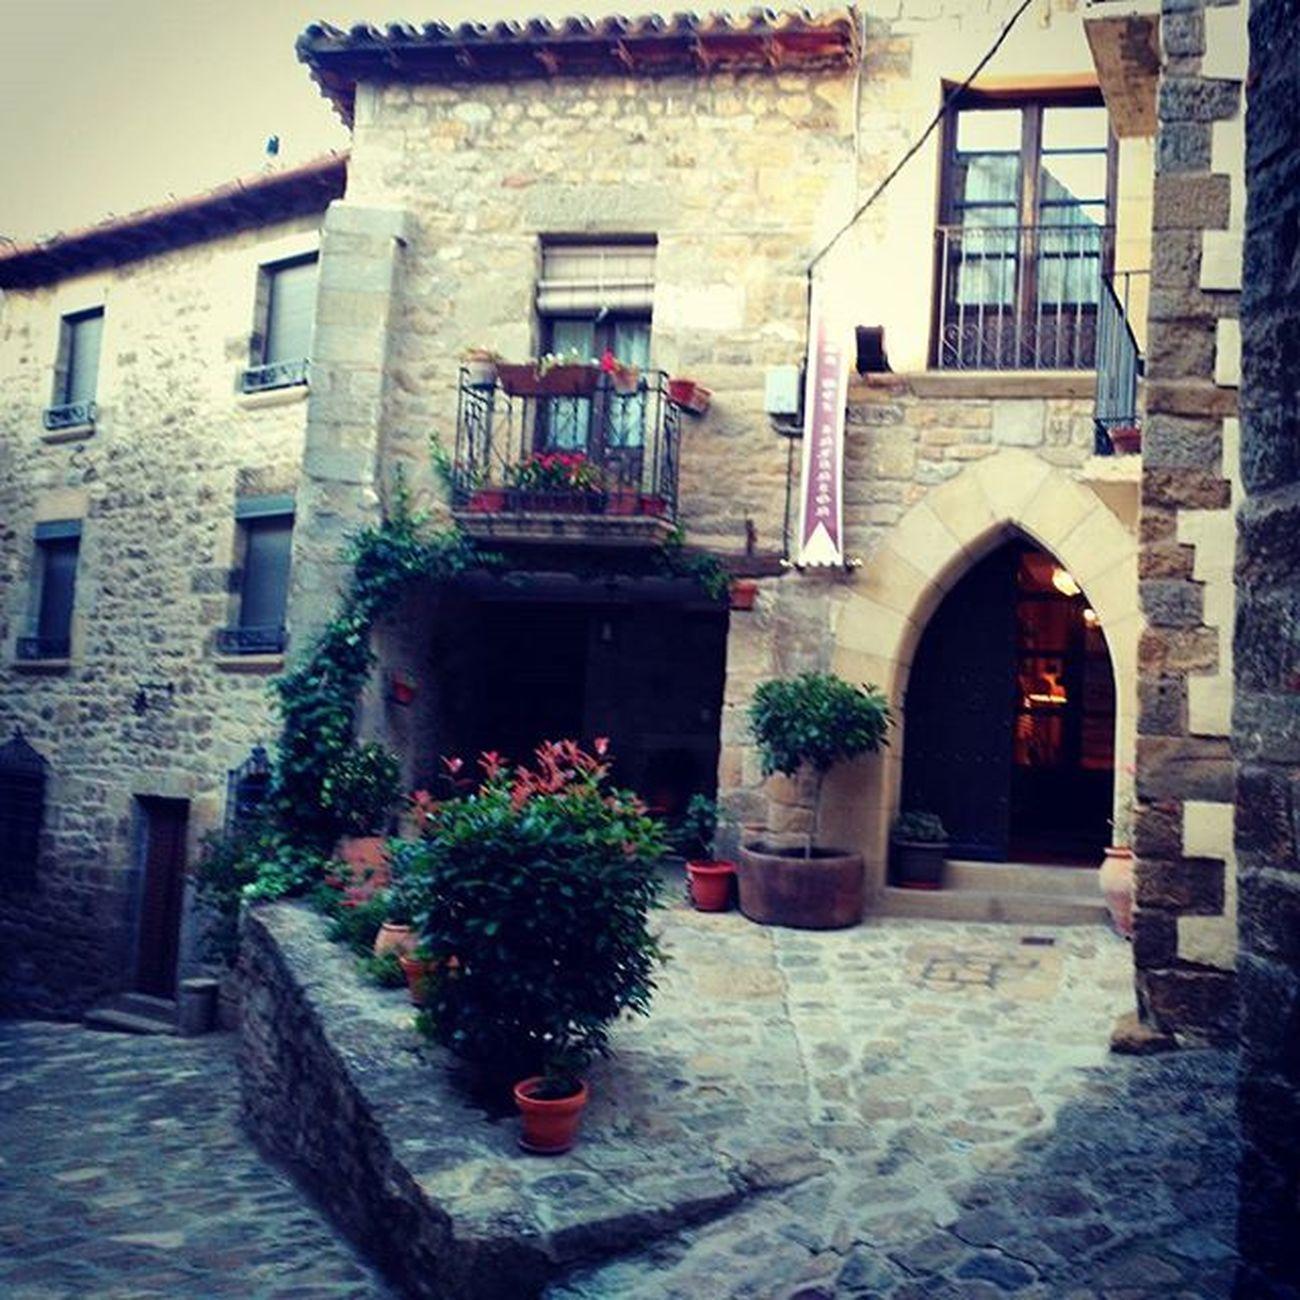 Empezando a disfrutar del premio de Civitur en Casadelinfanzon porque YovisitoCincoVillas Sosdelreycatolico igersaragon Aragón travel amazing